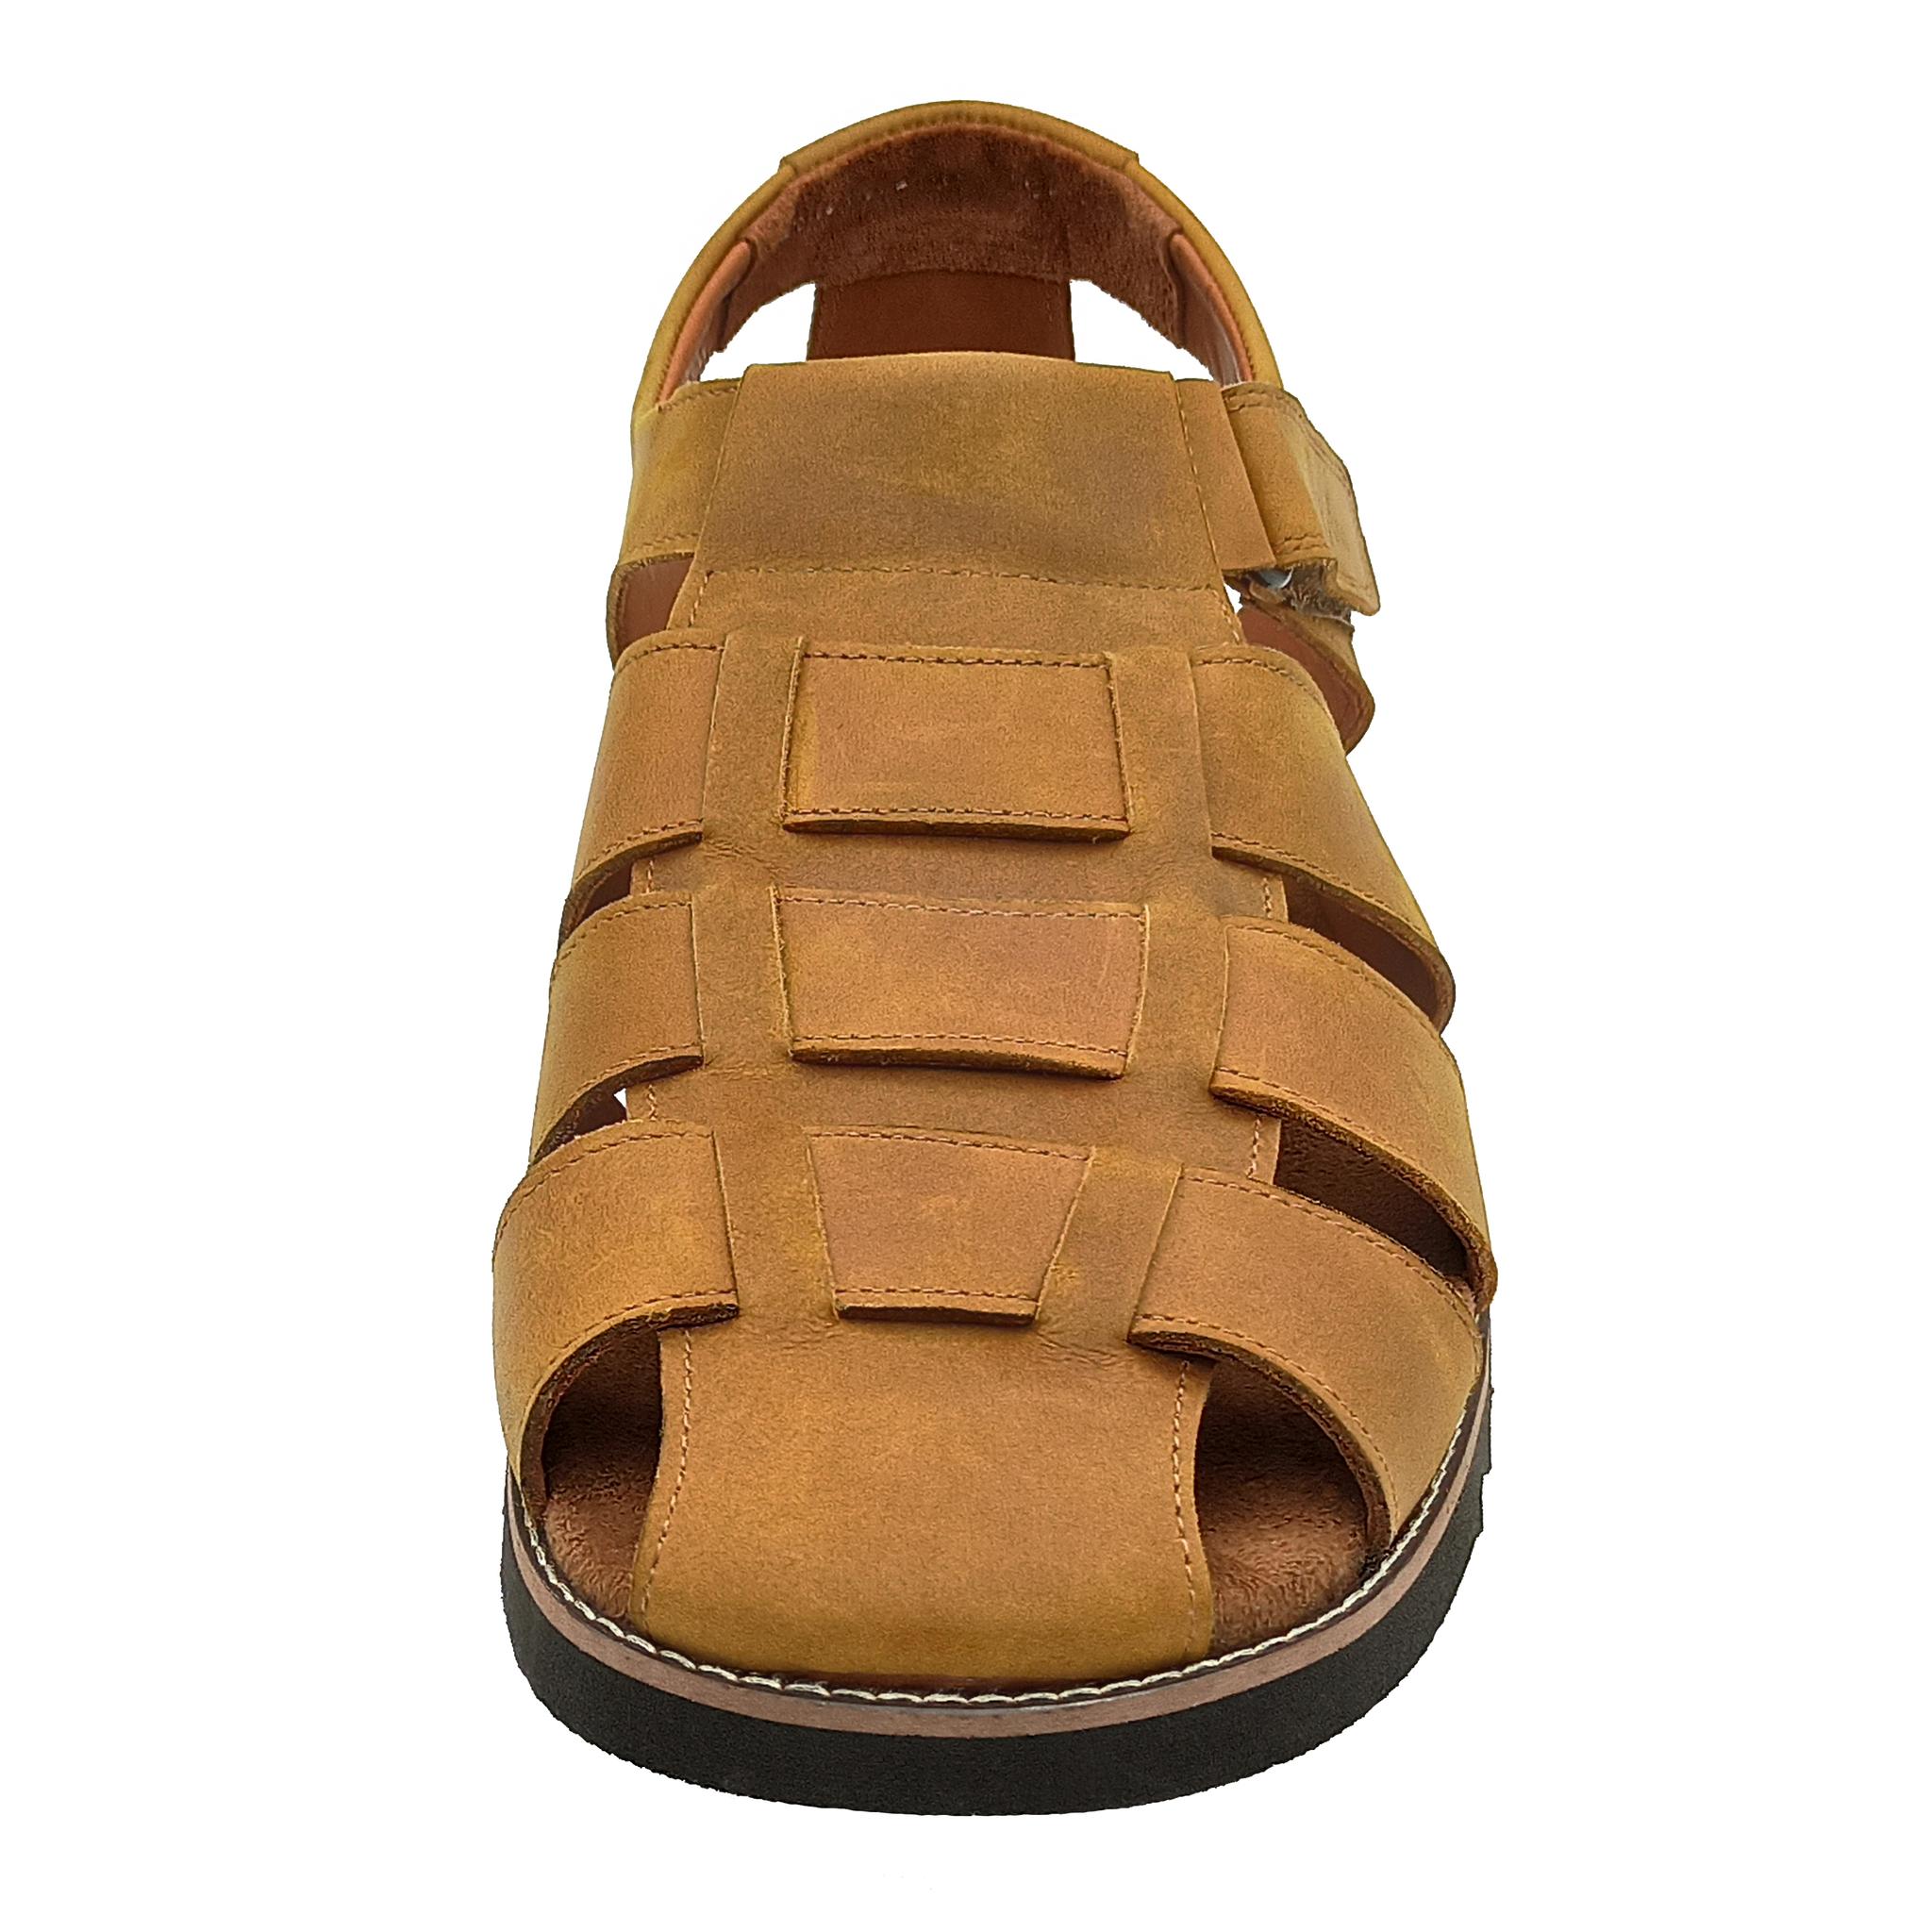 550210 сандалии мужские охра больших размеров марки Делфино